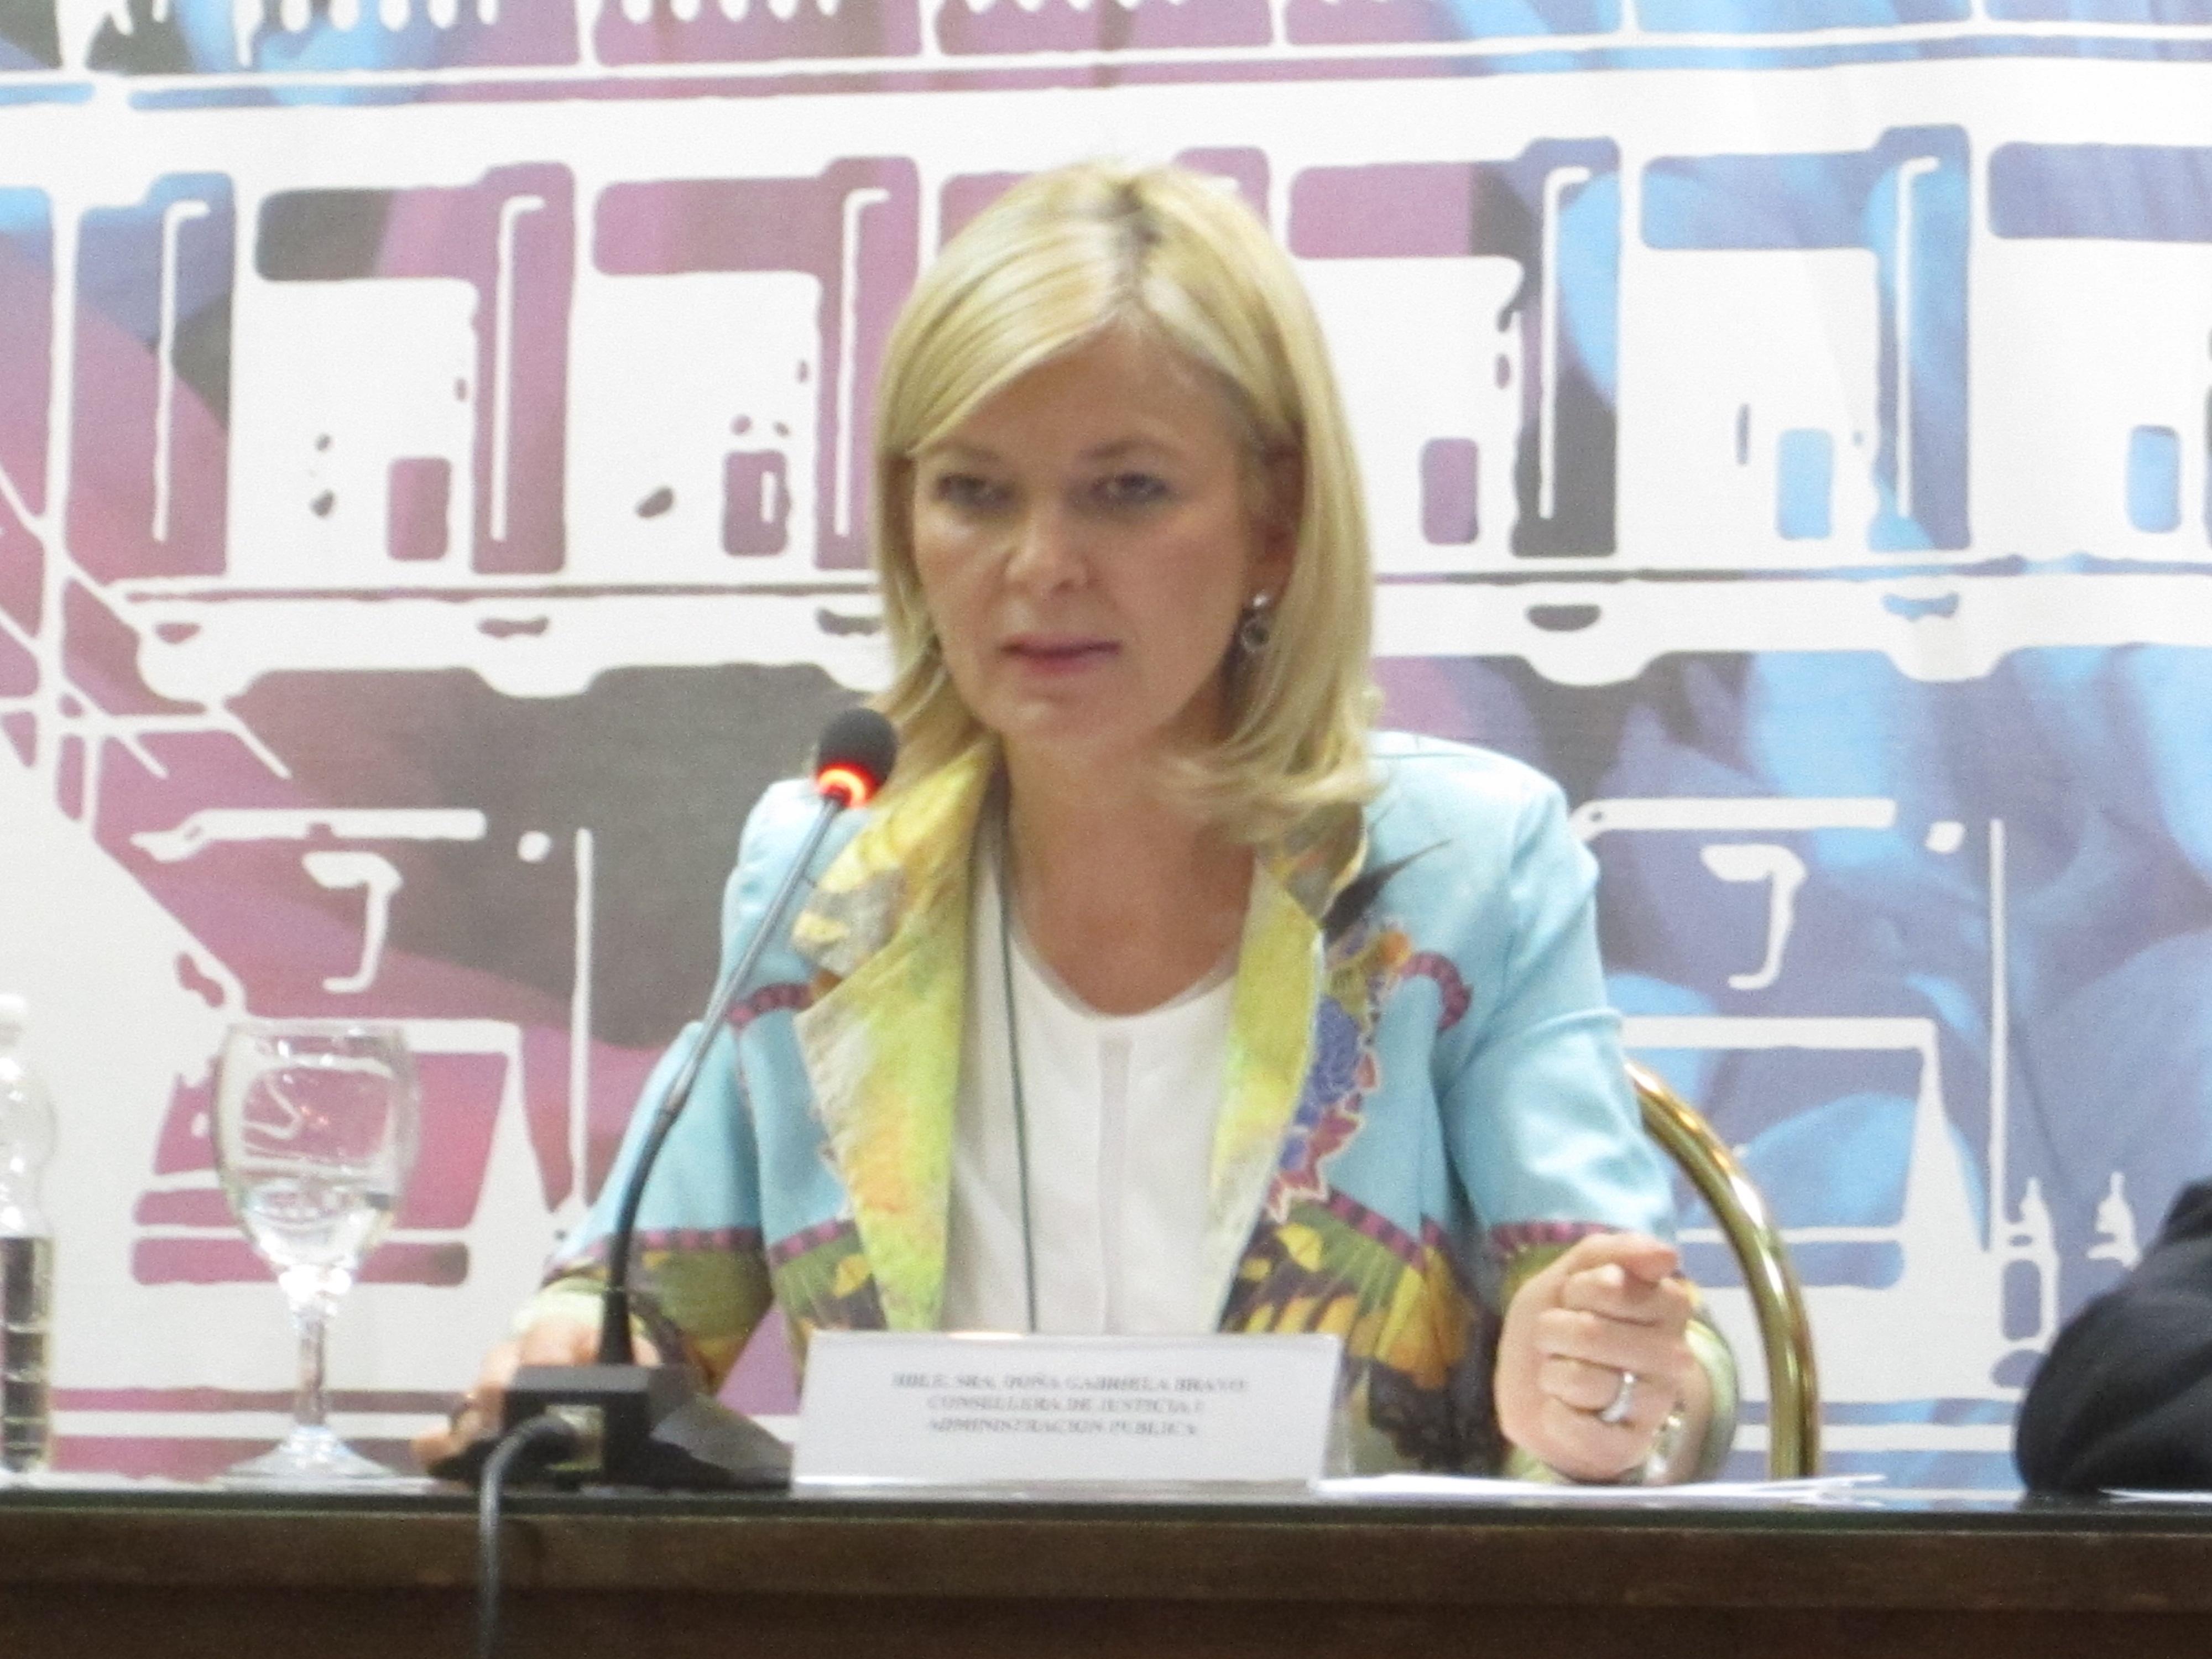 La AVJD invita a Gabriela Bravo, consellera de Justícia i Administració Pública. Estará con nosotros el 14 de abril a las 20:30 de la tarde en el Ateneo Mercantil